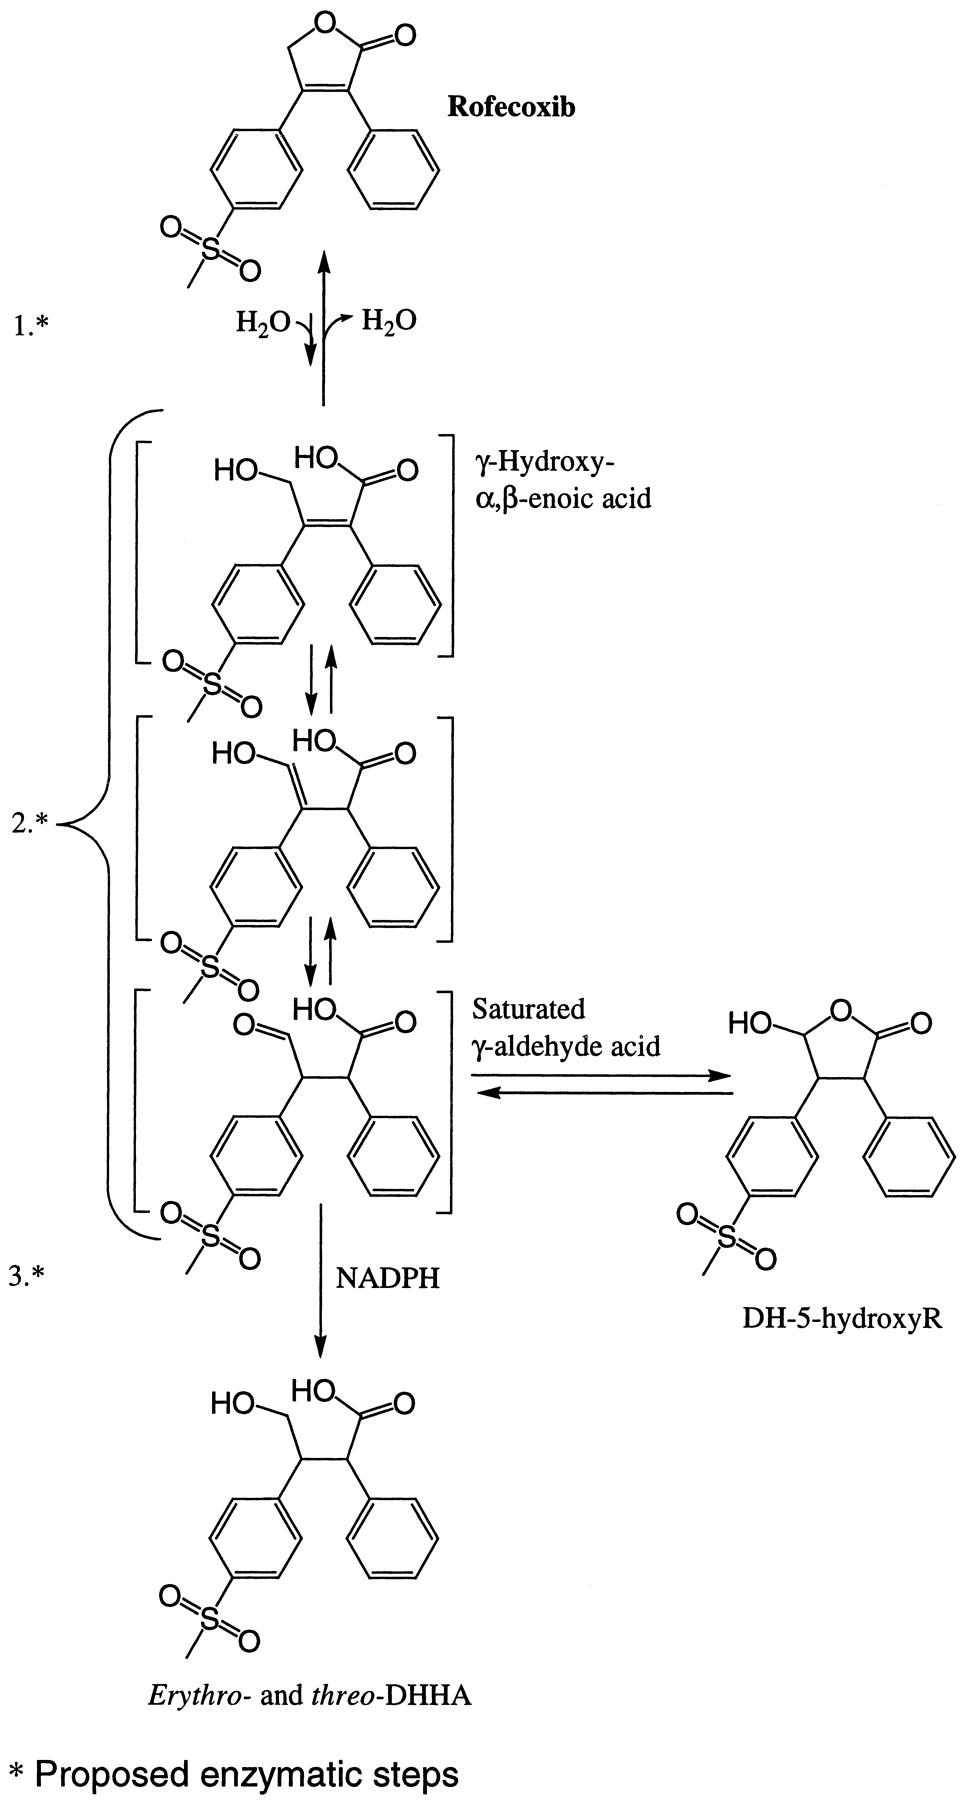 METABOLISM OF ROFECOXIB IN VITRO USING HUMAN LIVER